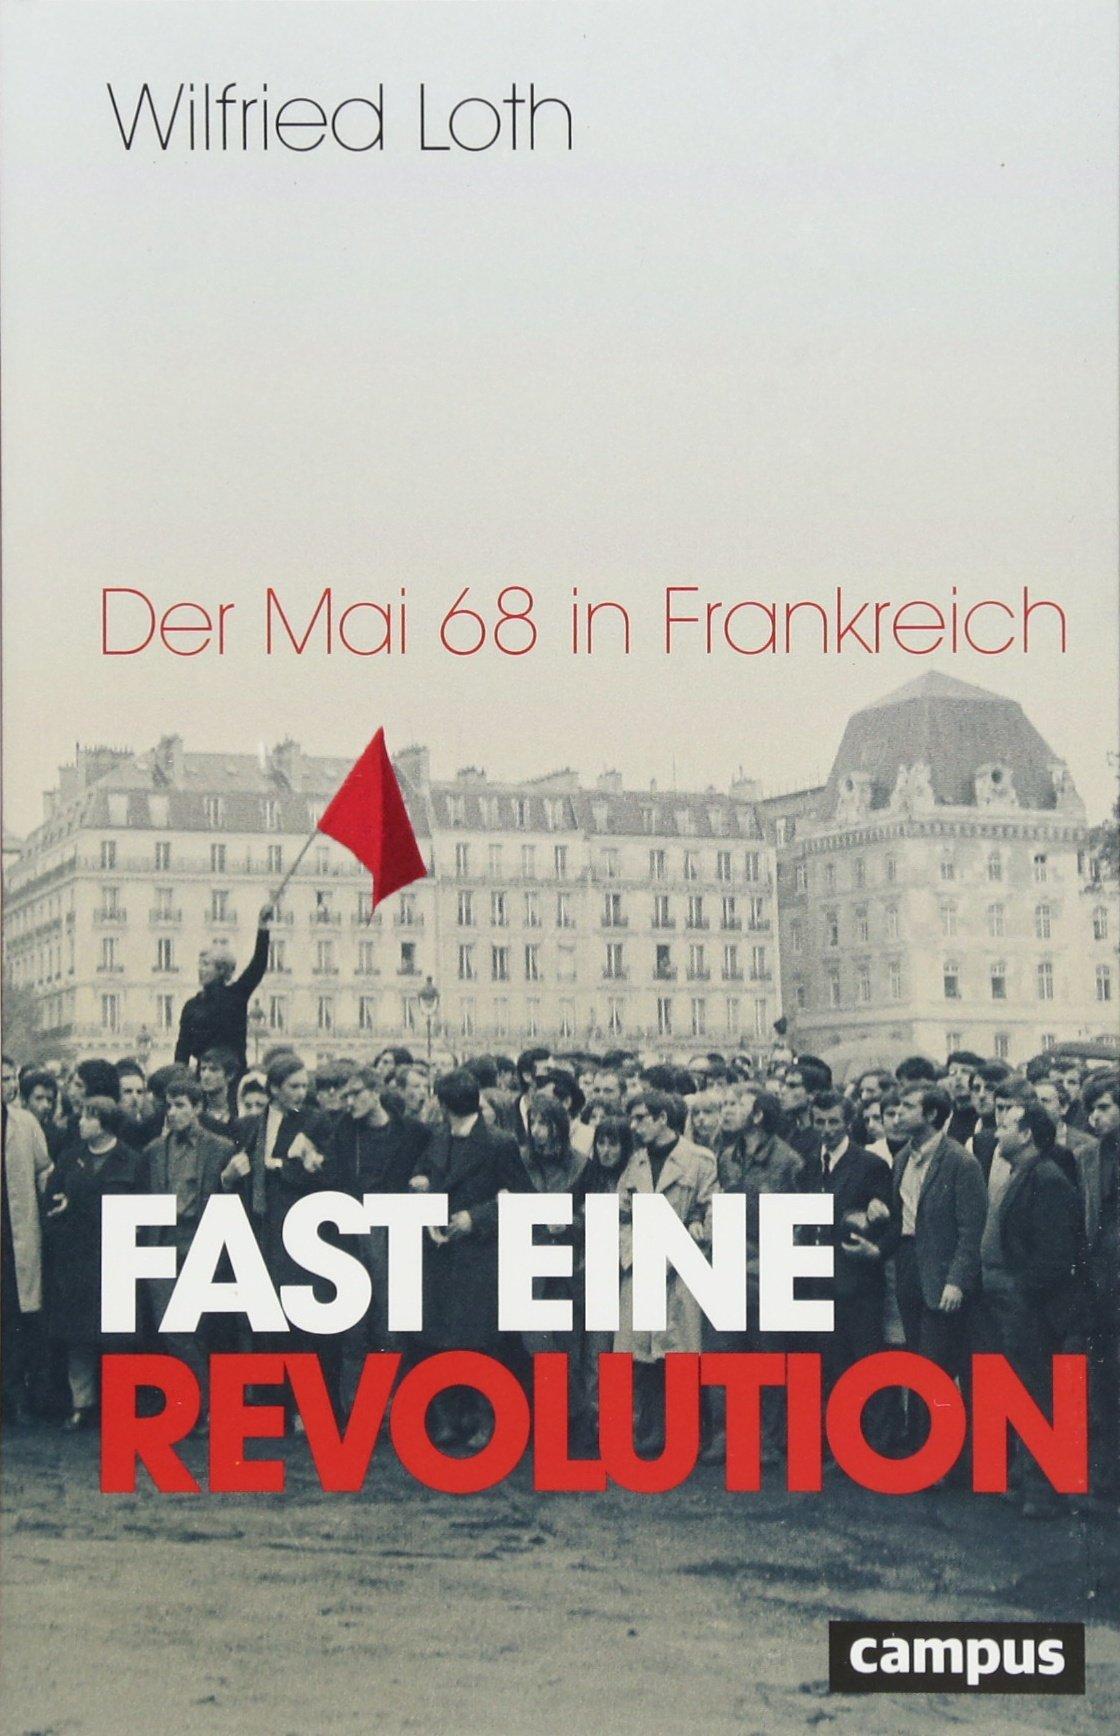 Fast eine Revolution: Der Mai 68 in Frankreich Broschiert – 15. Februar 2018 Wilfried Loth Campus Verlag 359350832X Aufstand / Revolution